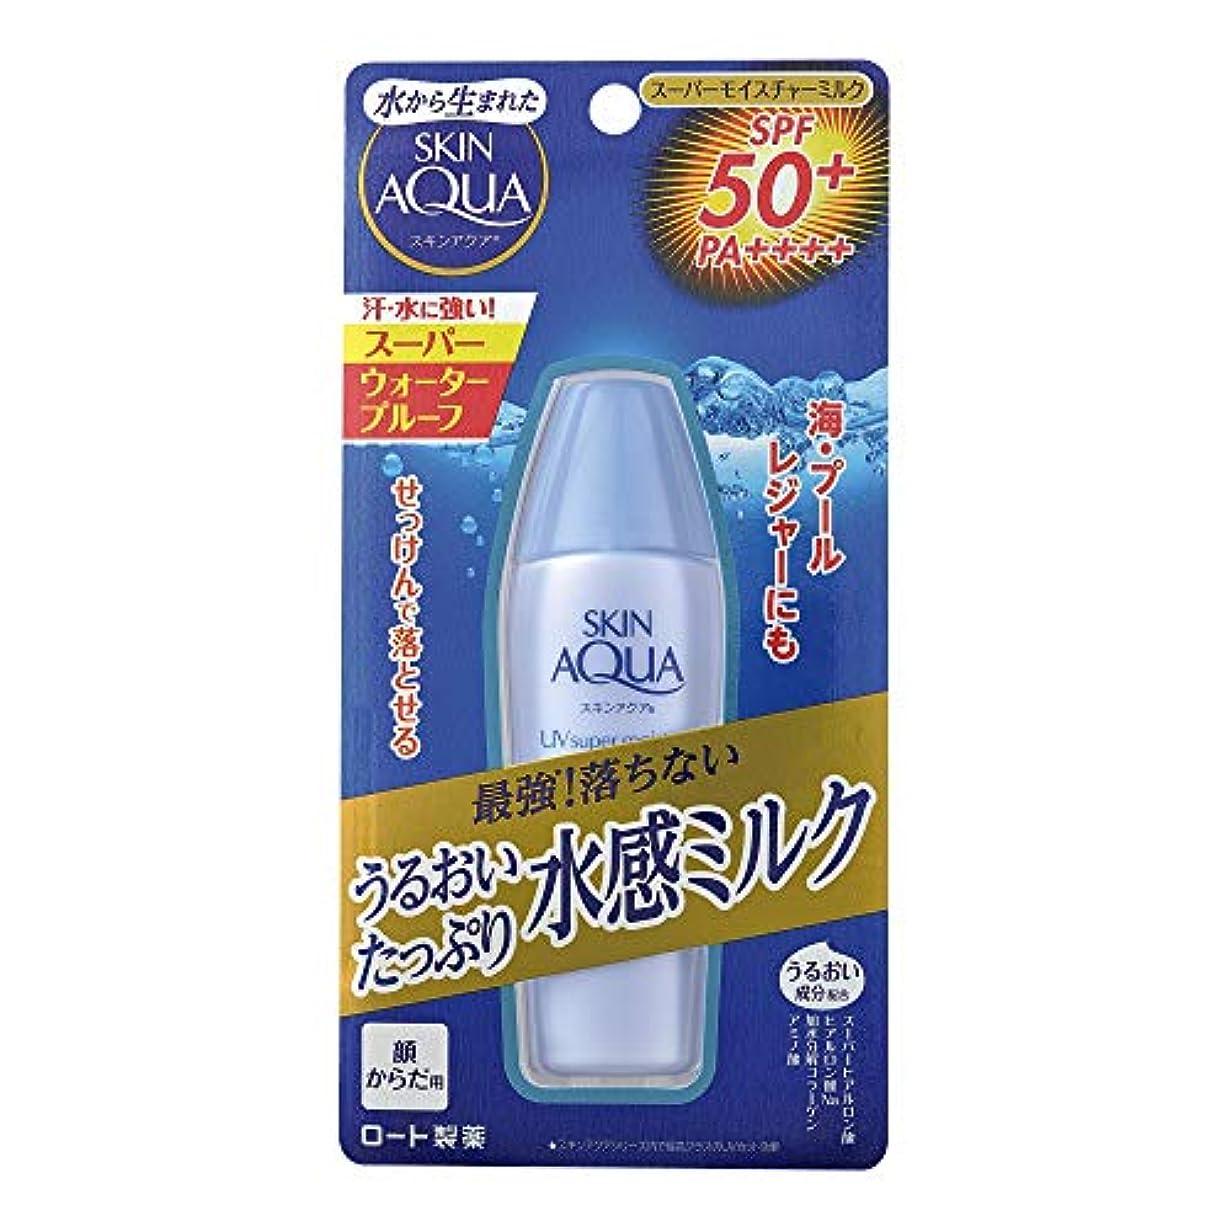 寄付ロードされた学者スキンアクア (SKIN AQUA) 日焼け止め スーパーモイスチャーミルク 潤い成分4種配合 水感ミルク (SPF50 PA++++) 40mL ※スーパーウォータープルーフ